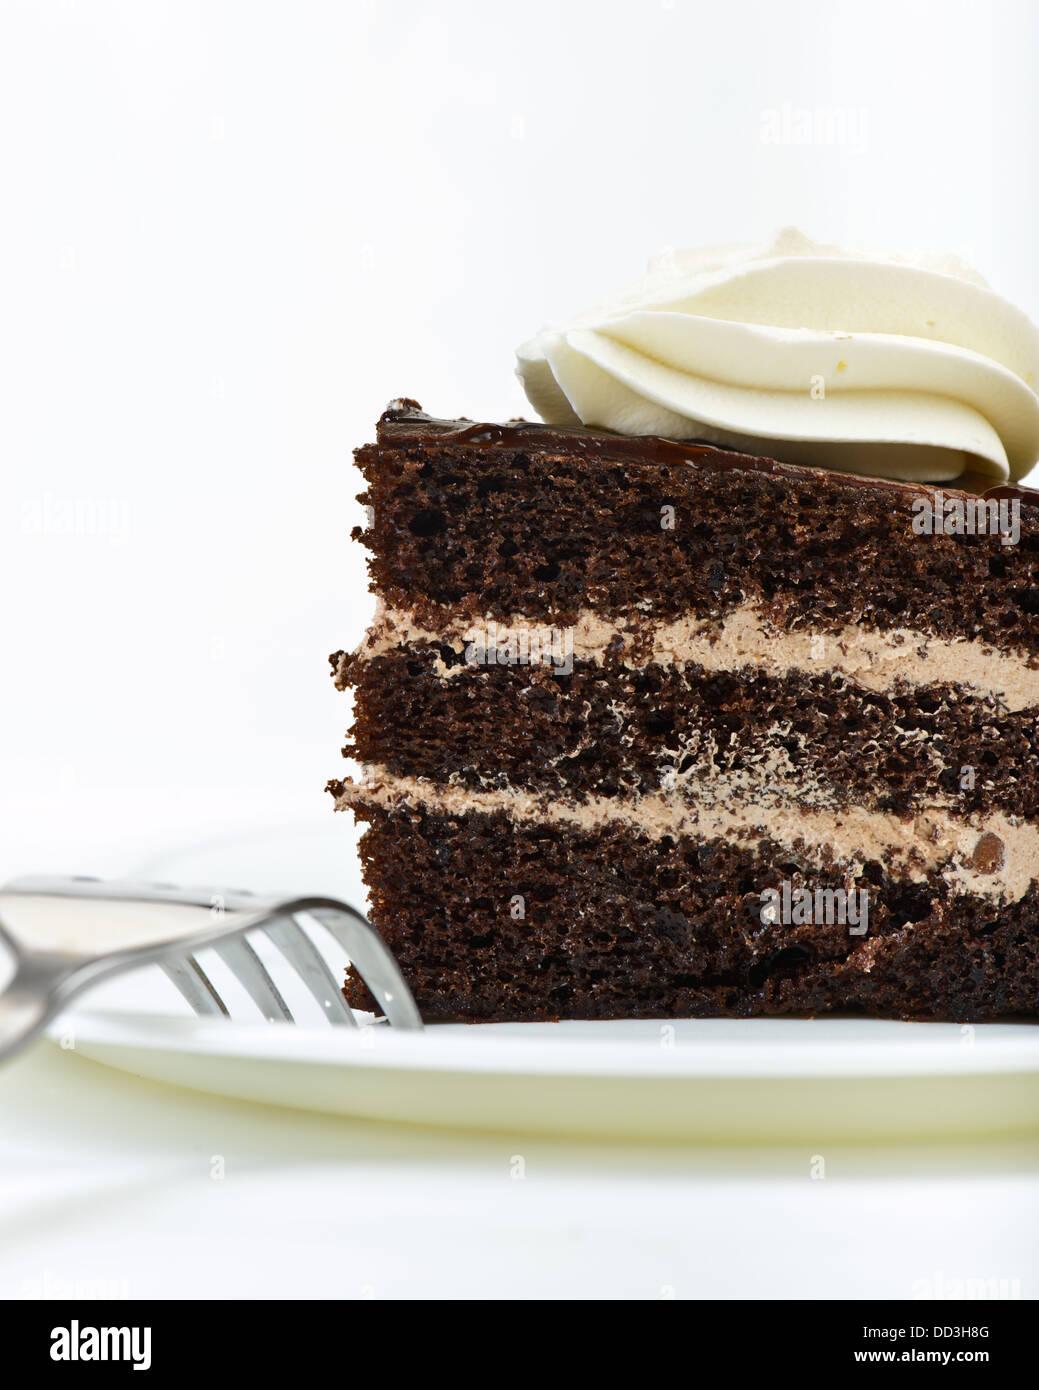 Gâteau au chocolat sur la plaque avec une fourchette Photo Stock